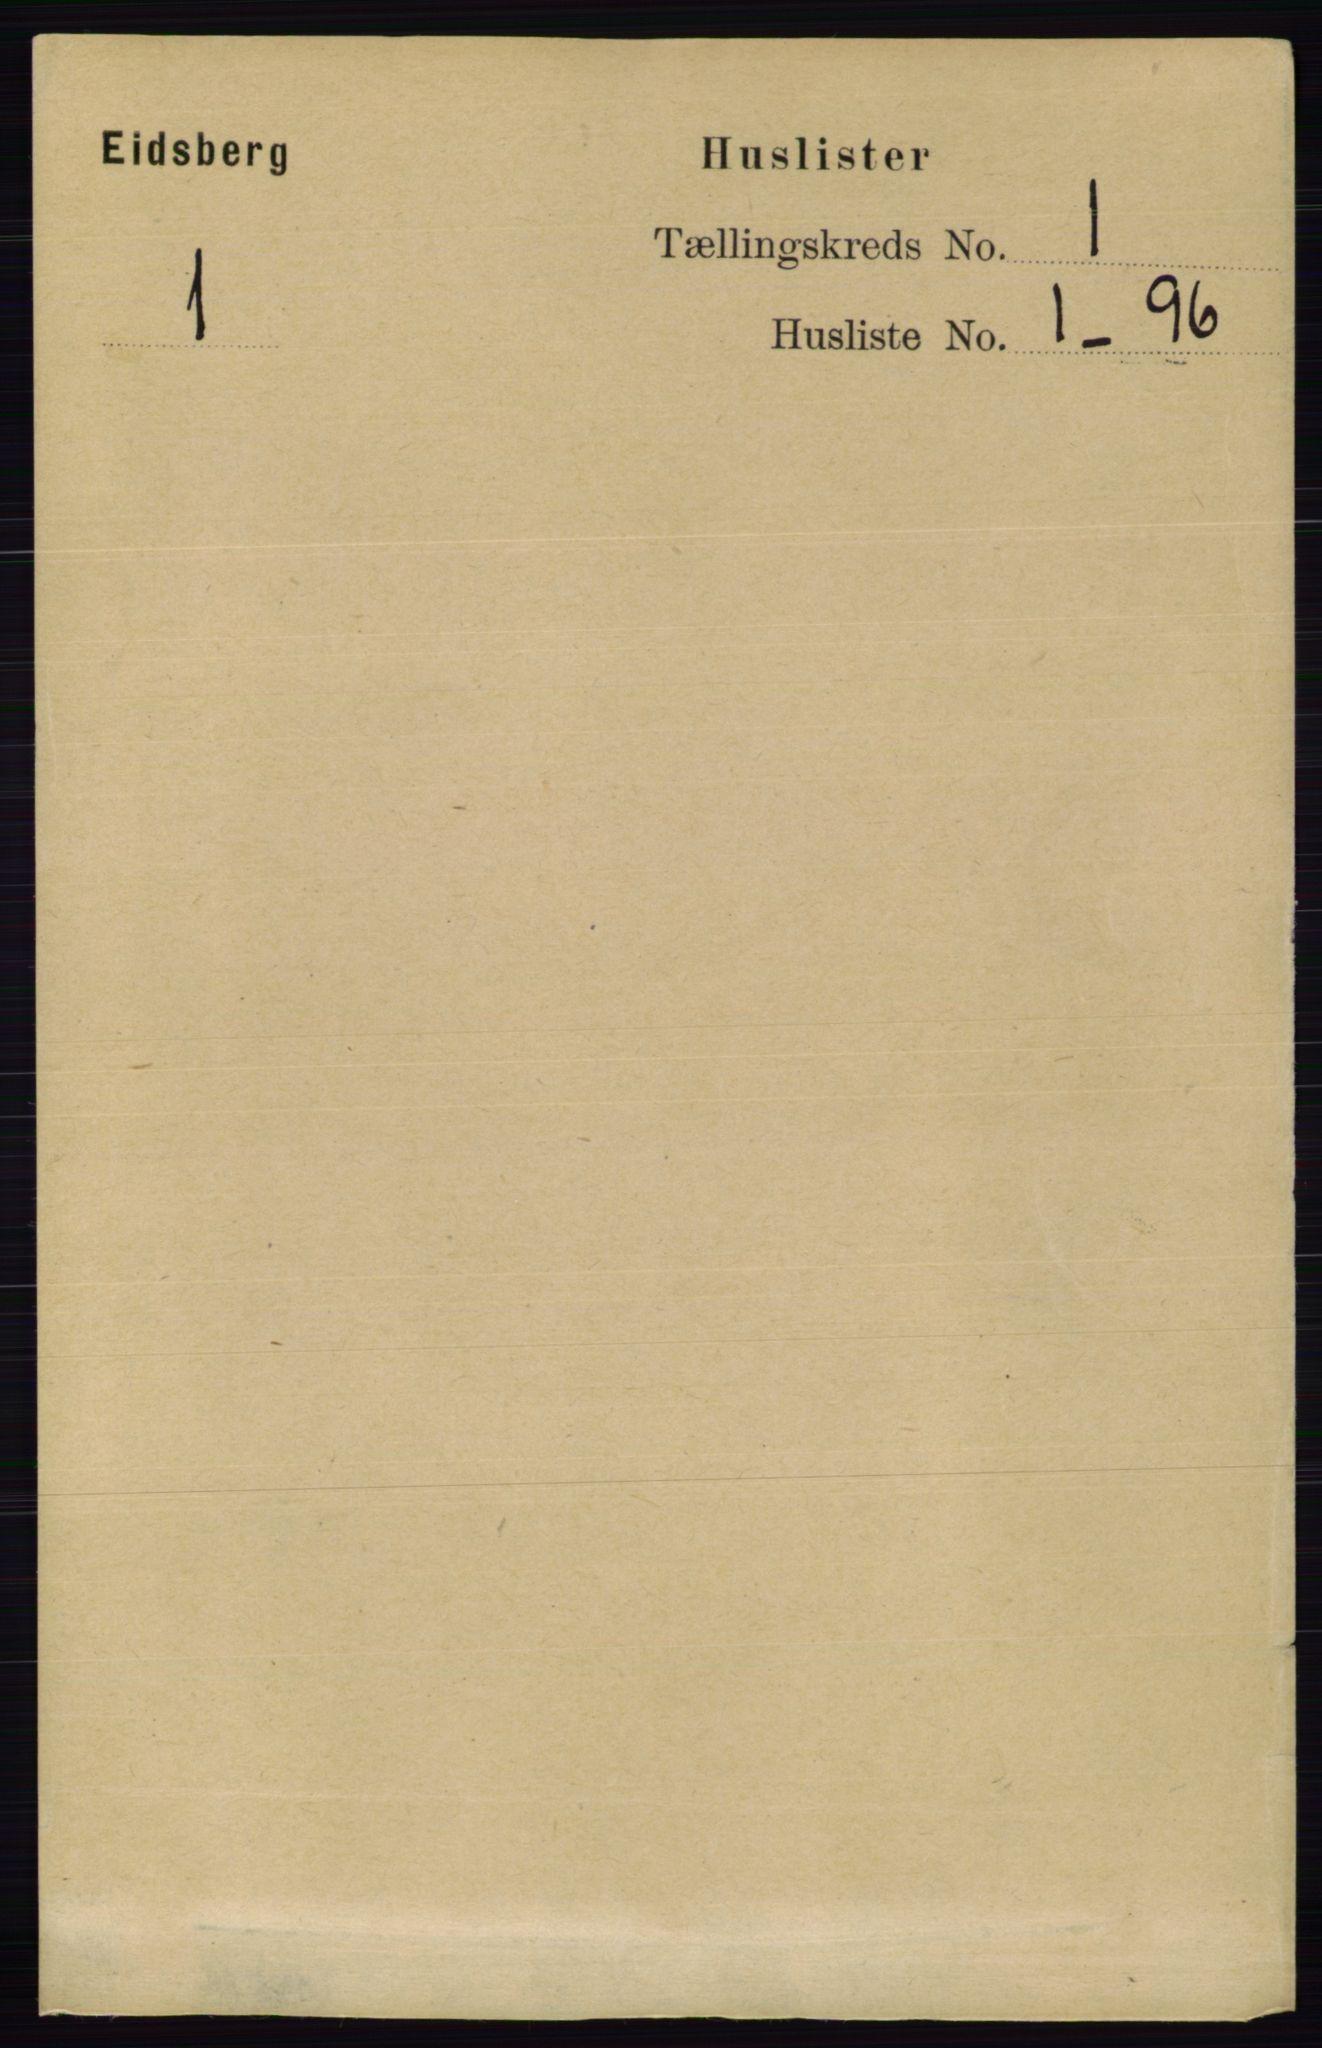 RA, Folketelling 1891 for 0125 Eidsberg herred, 1891, s. 33